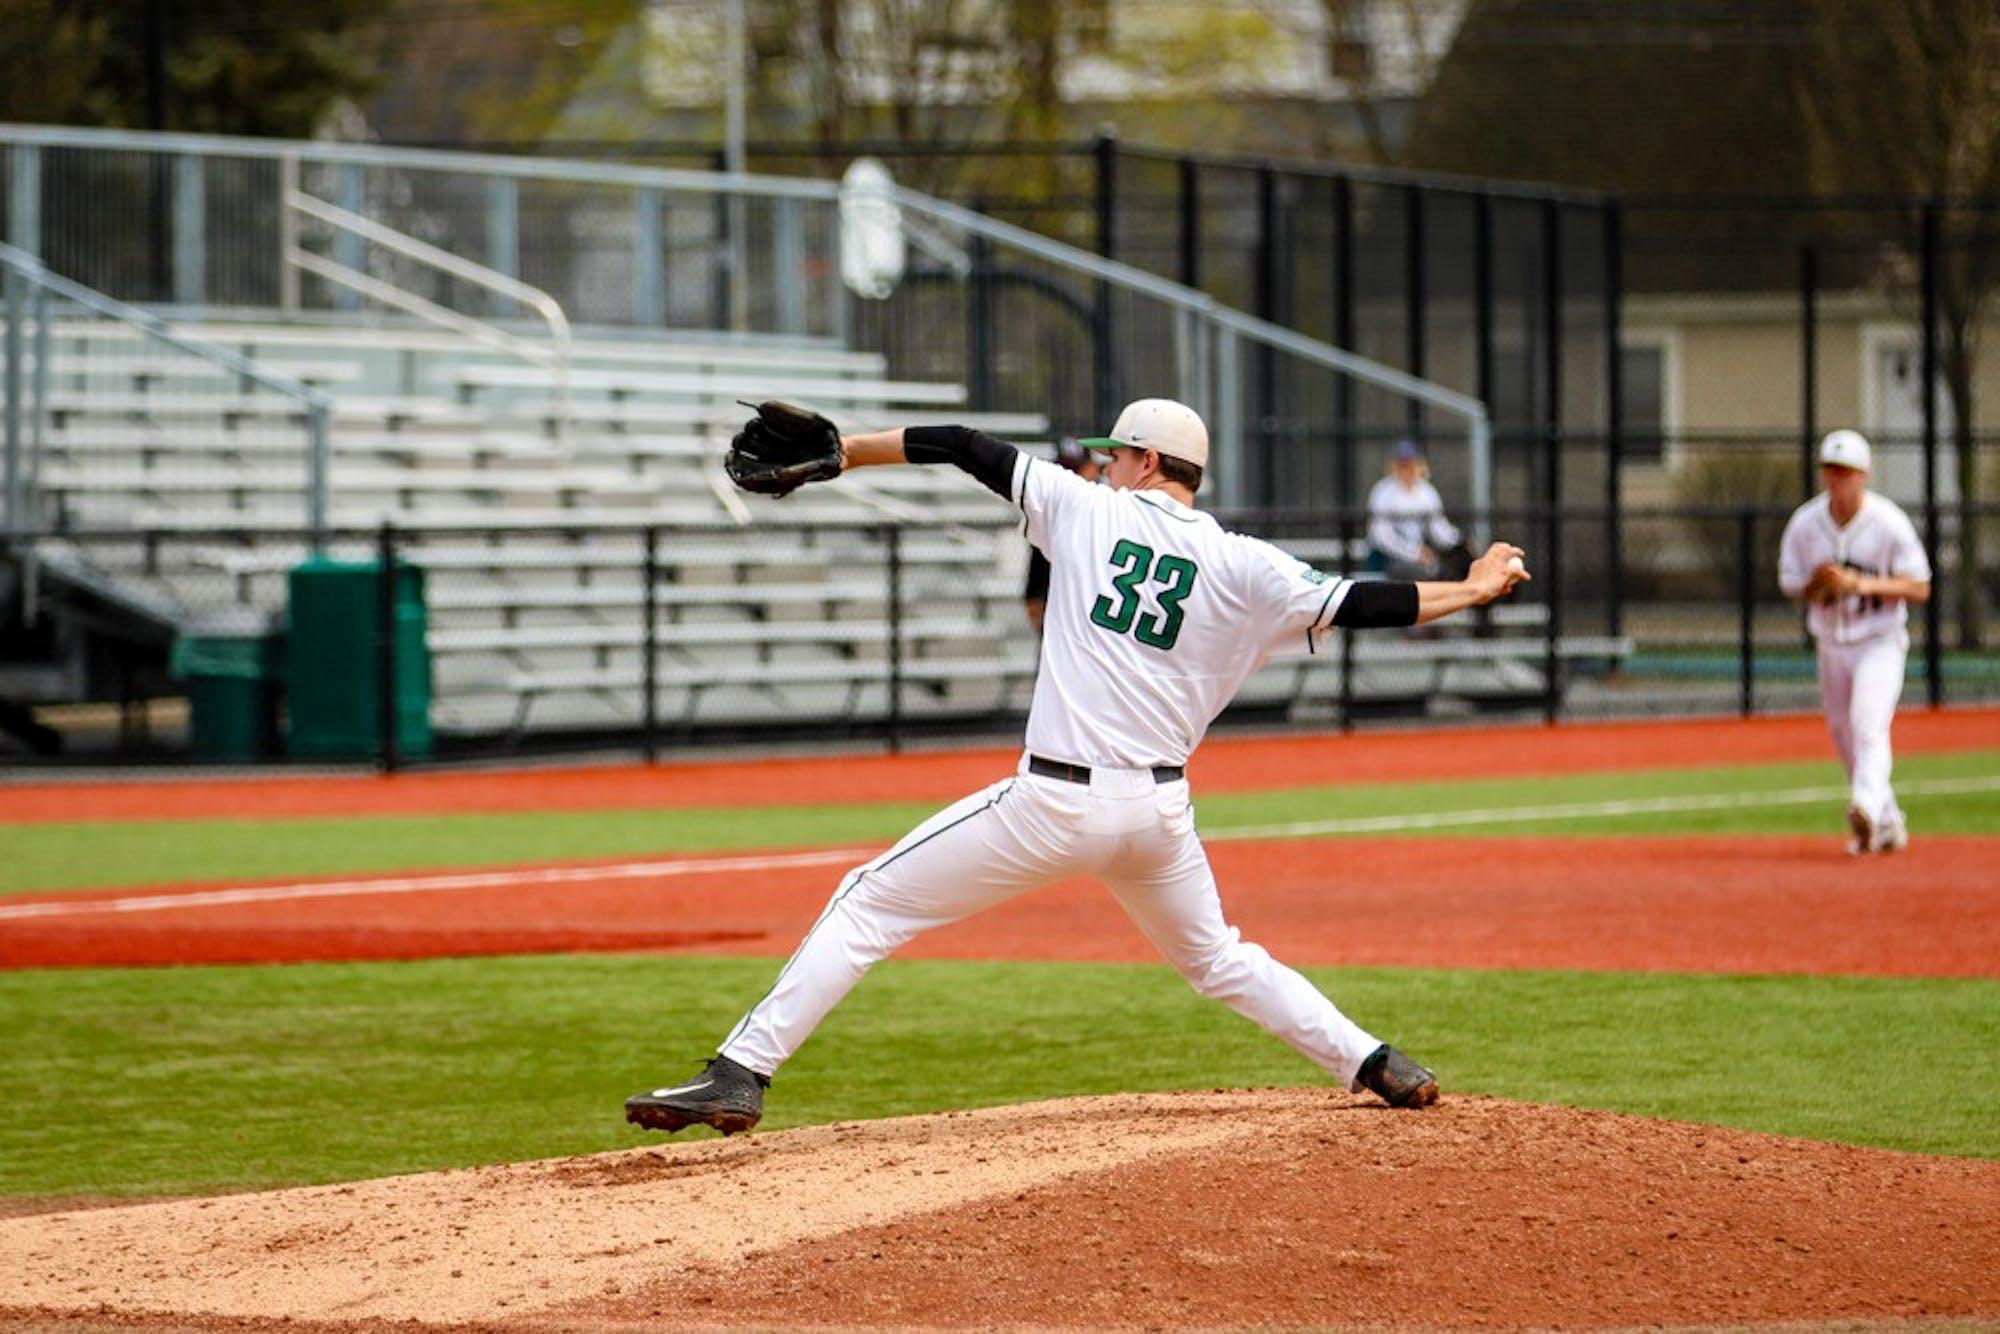 5-6-19-baseball3-elsaerciksen